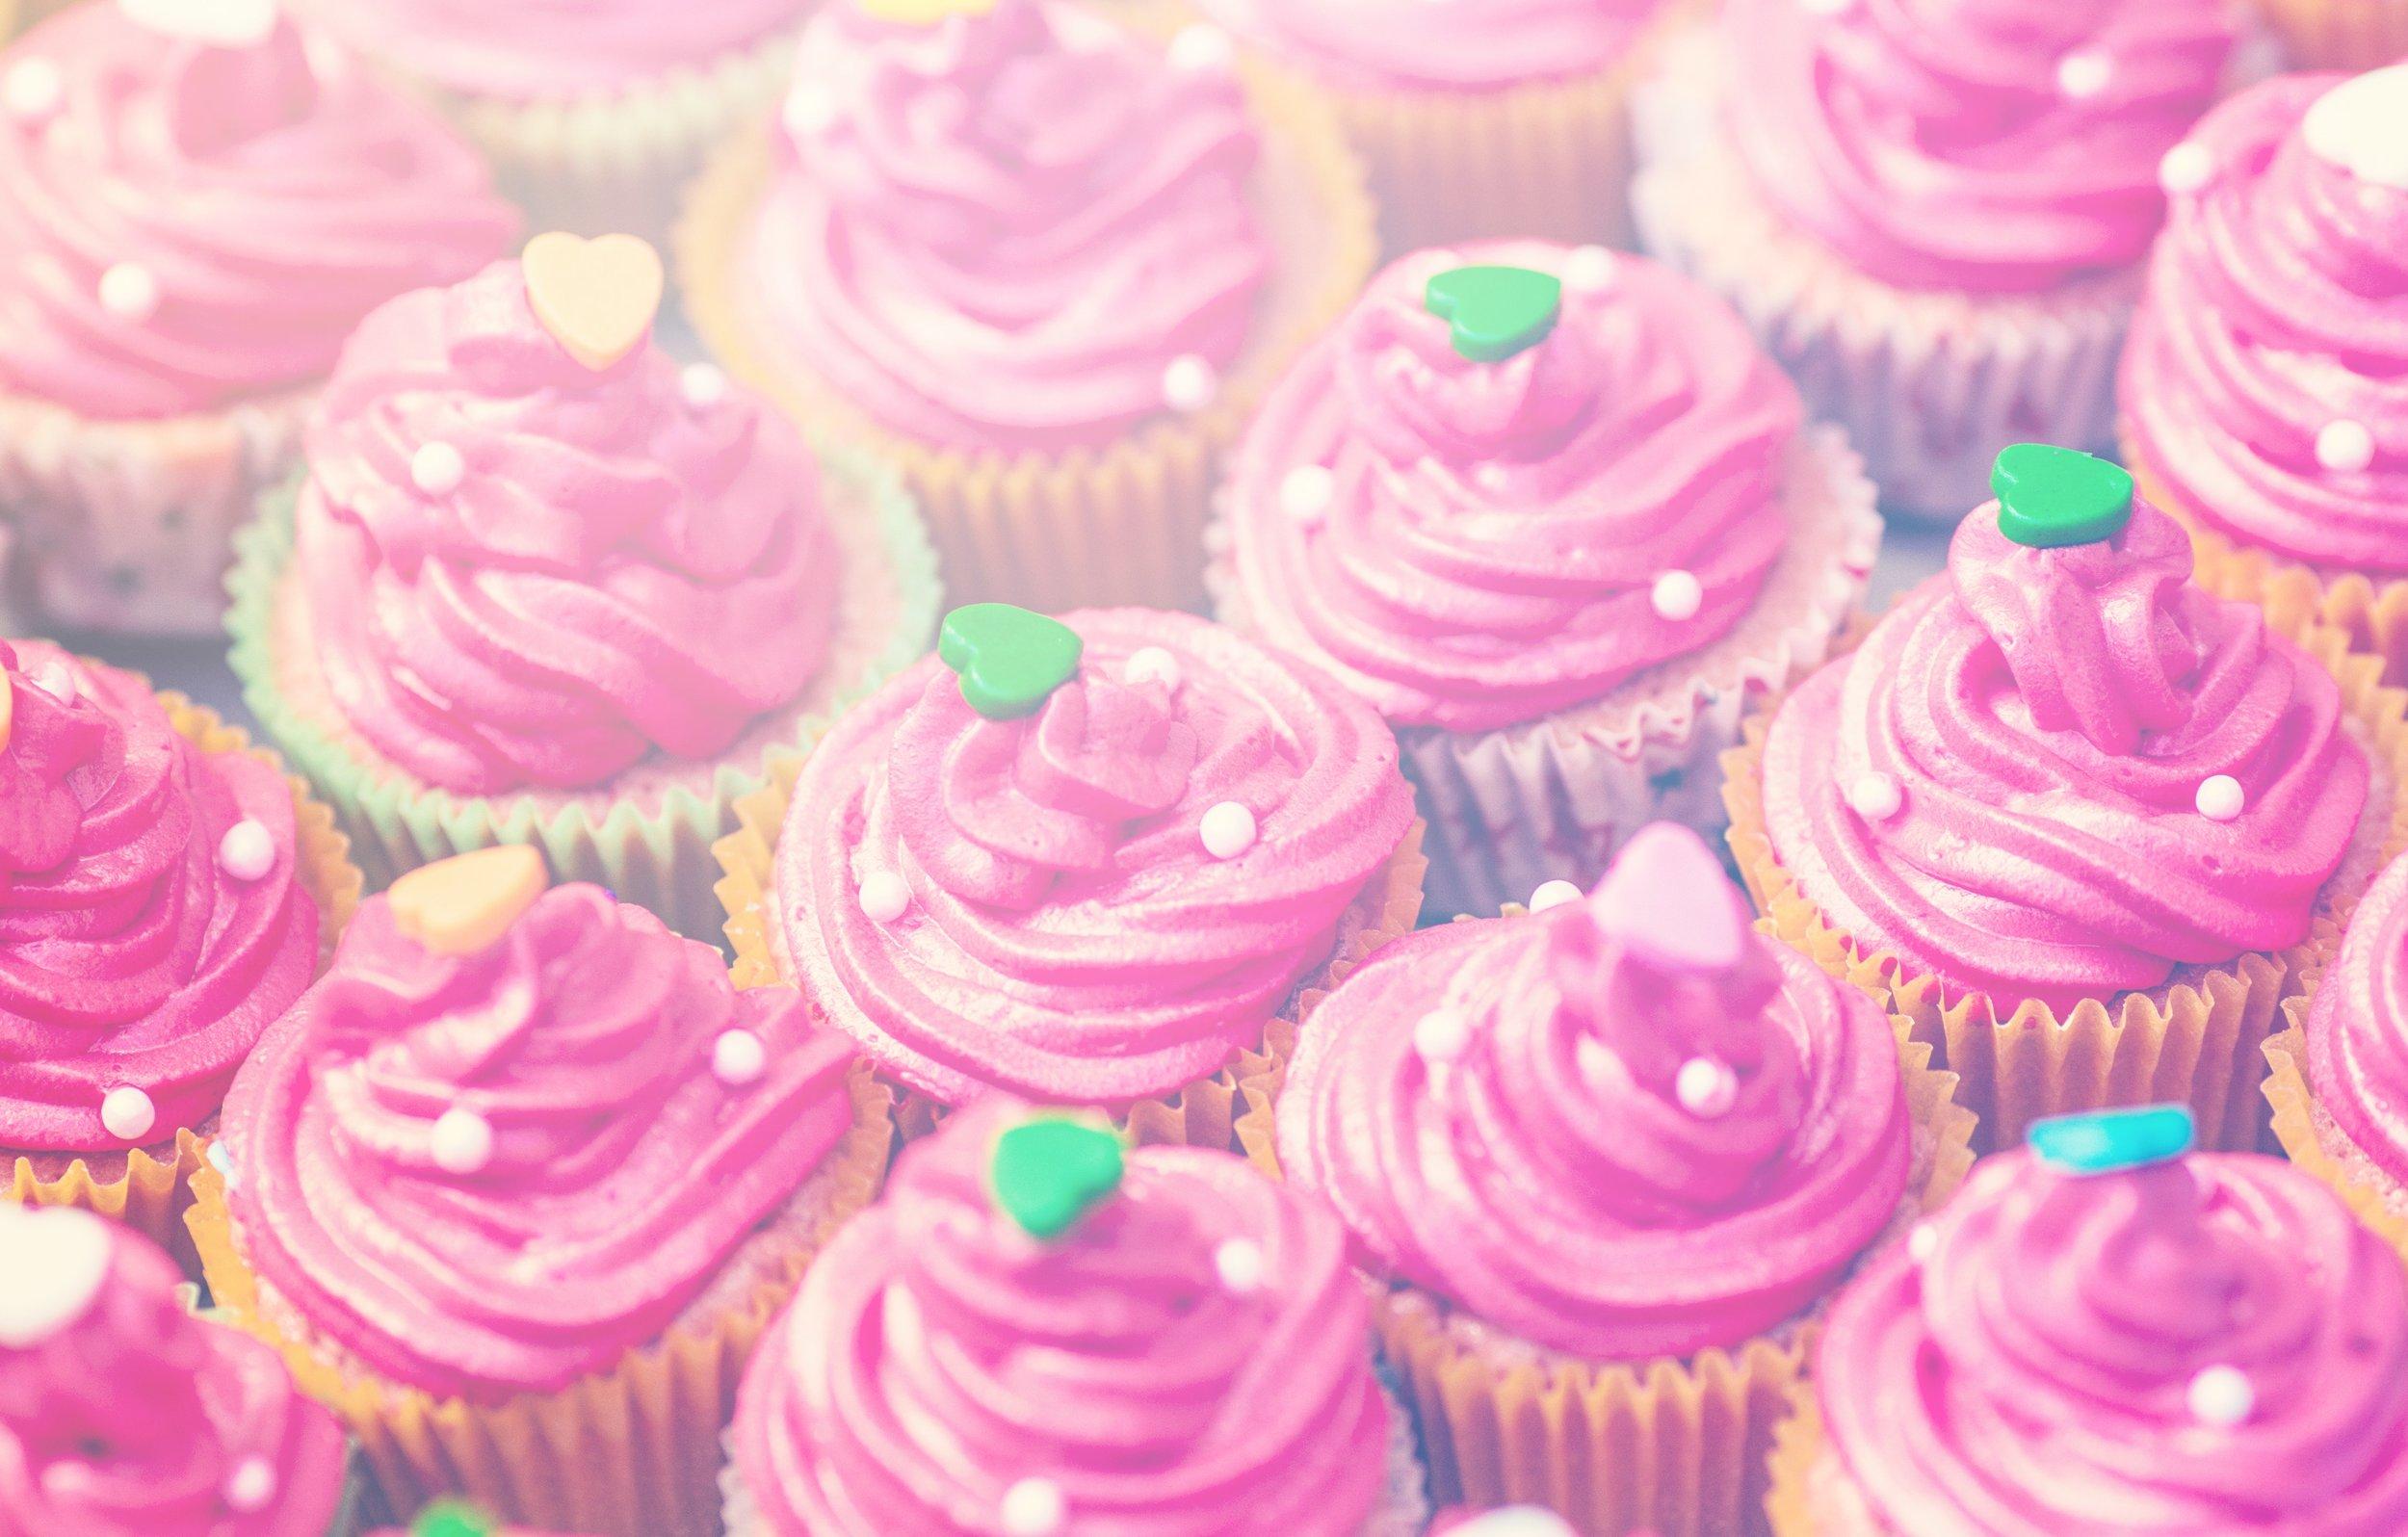 cake-cupcake-cupcakes-585581.jpg